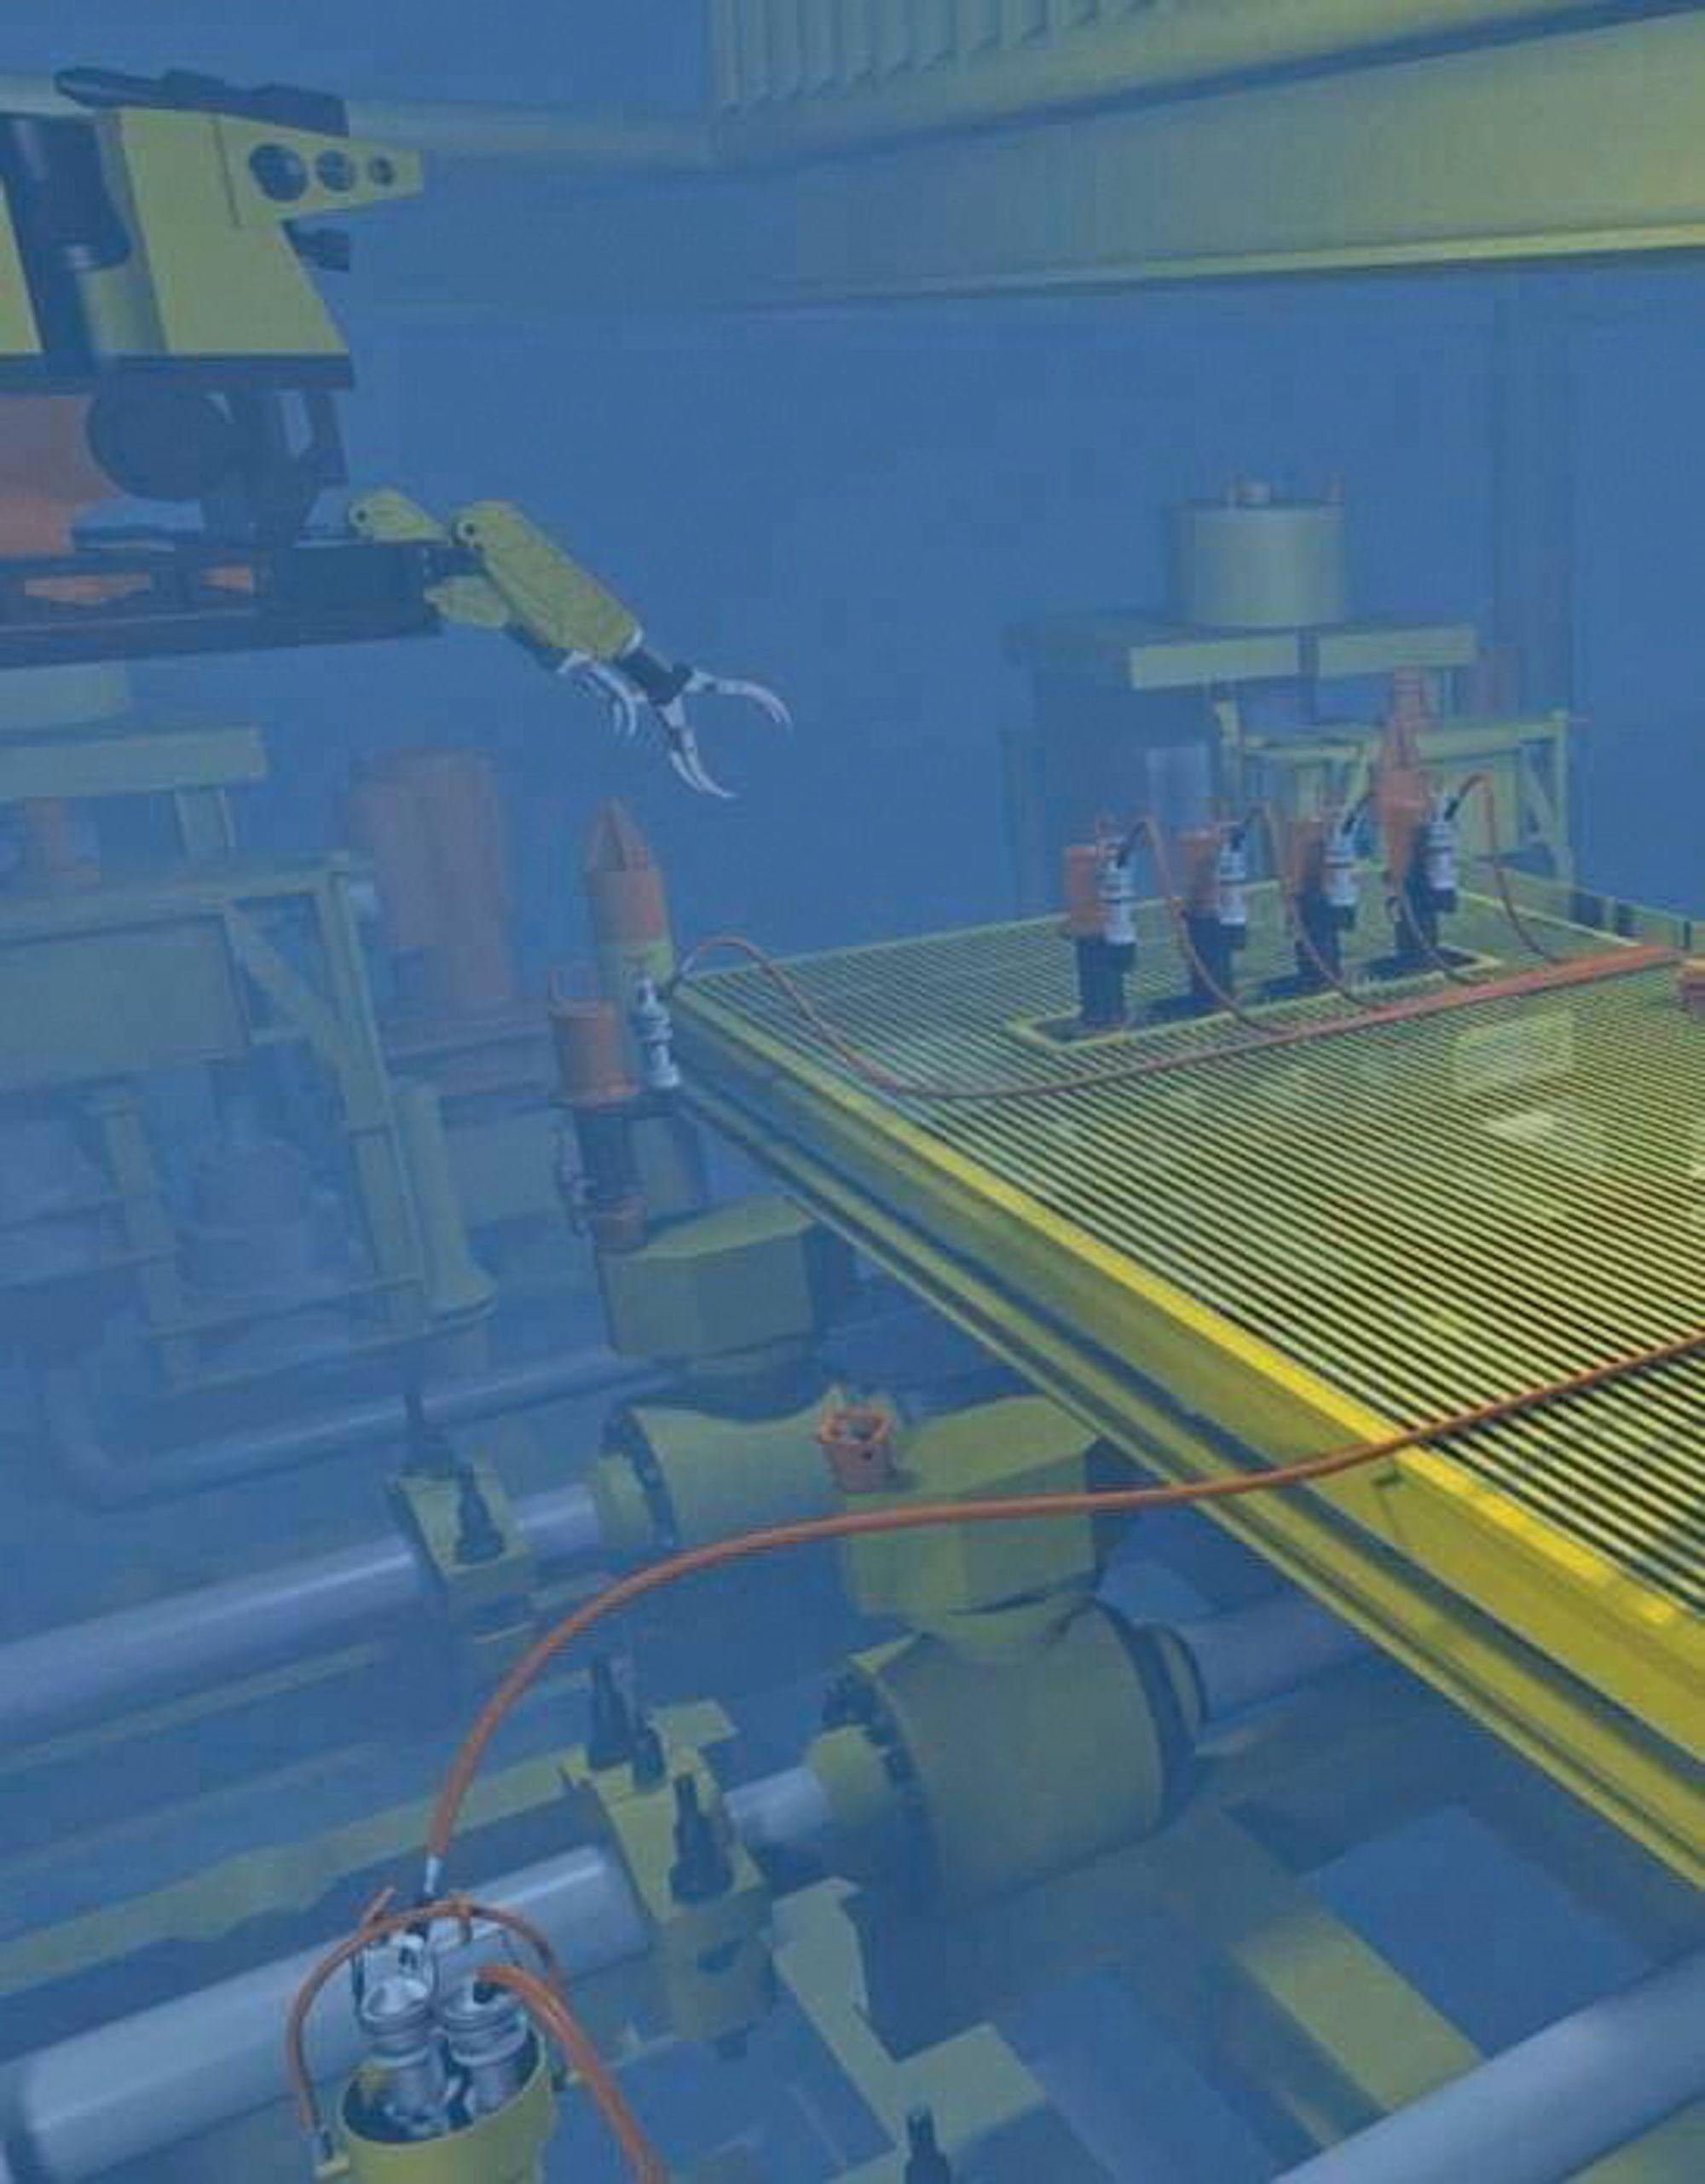 Elektriske kontrollsystemer blir stadig mer aktuelle for havbunnssystemer.